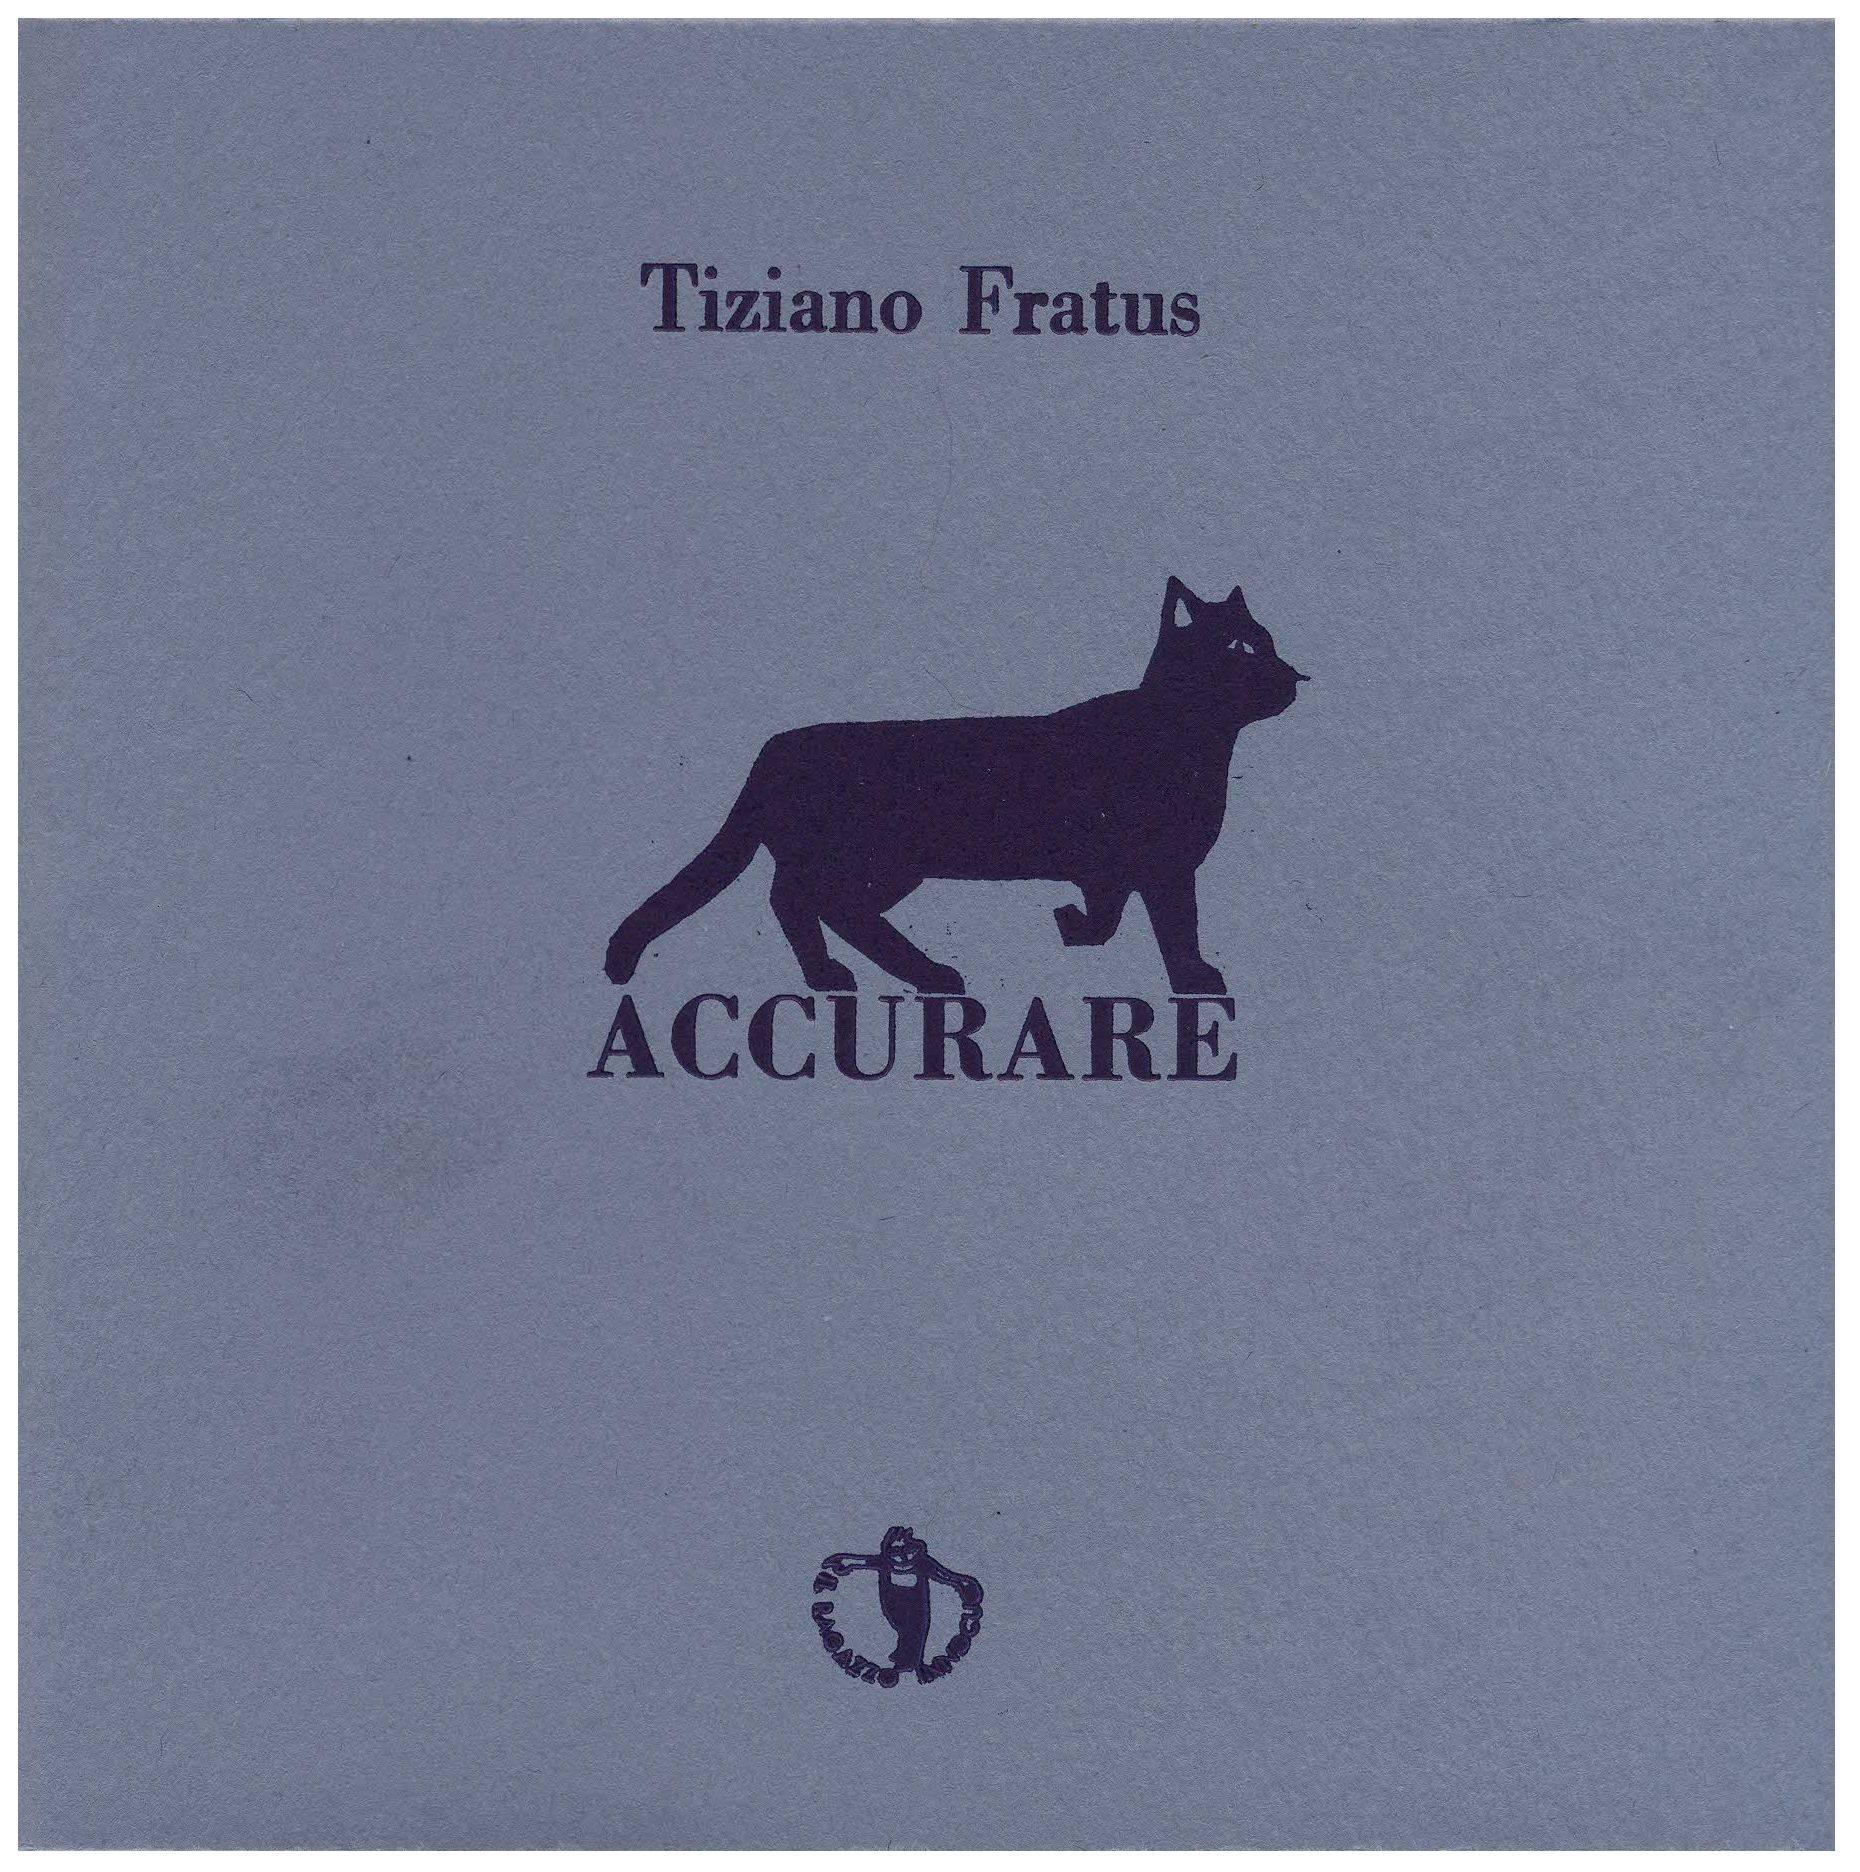 ACCURARE di Tiziano Fratus - copertina